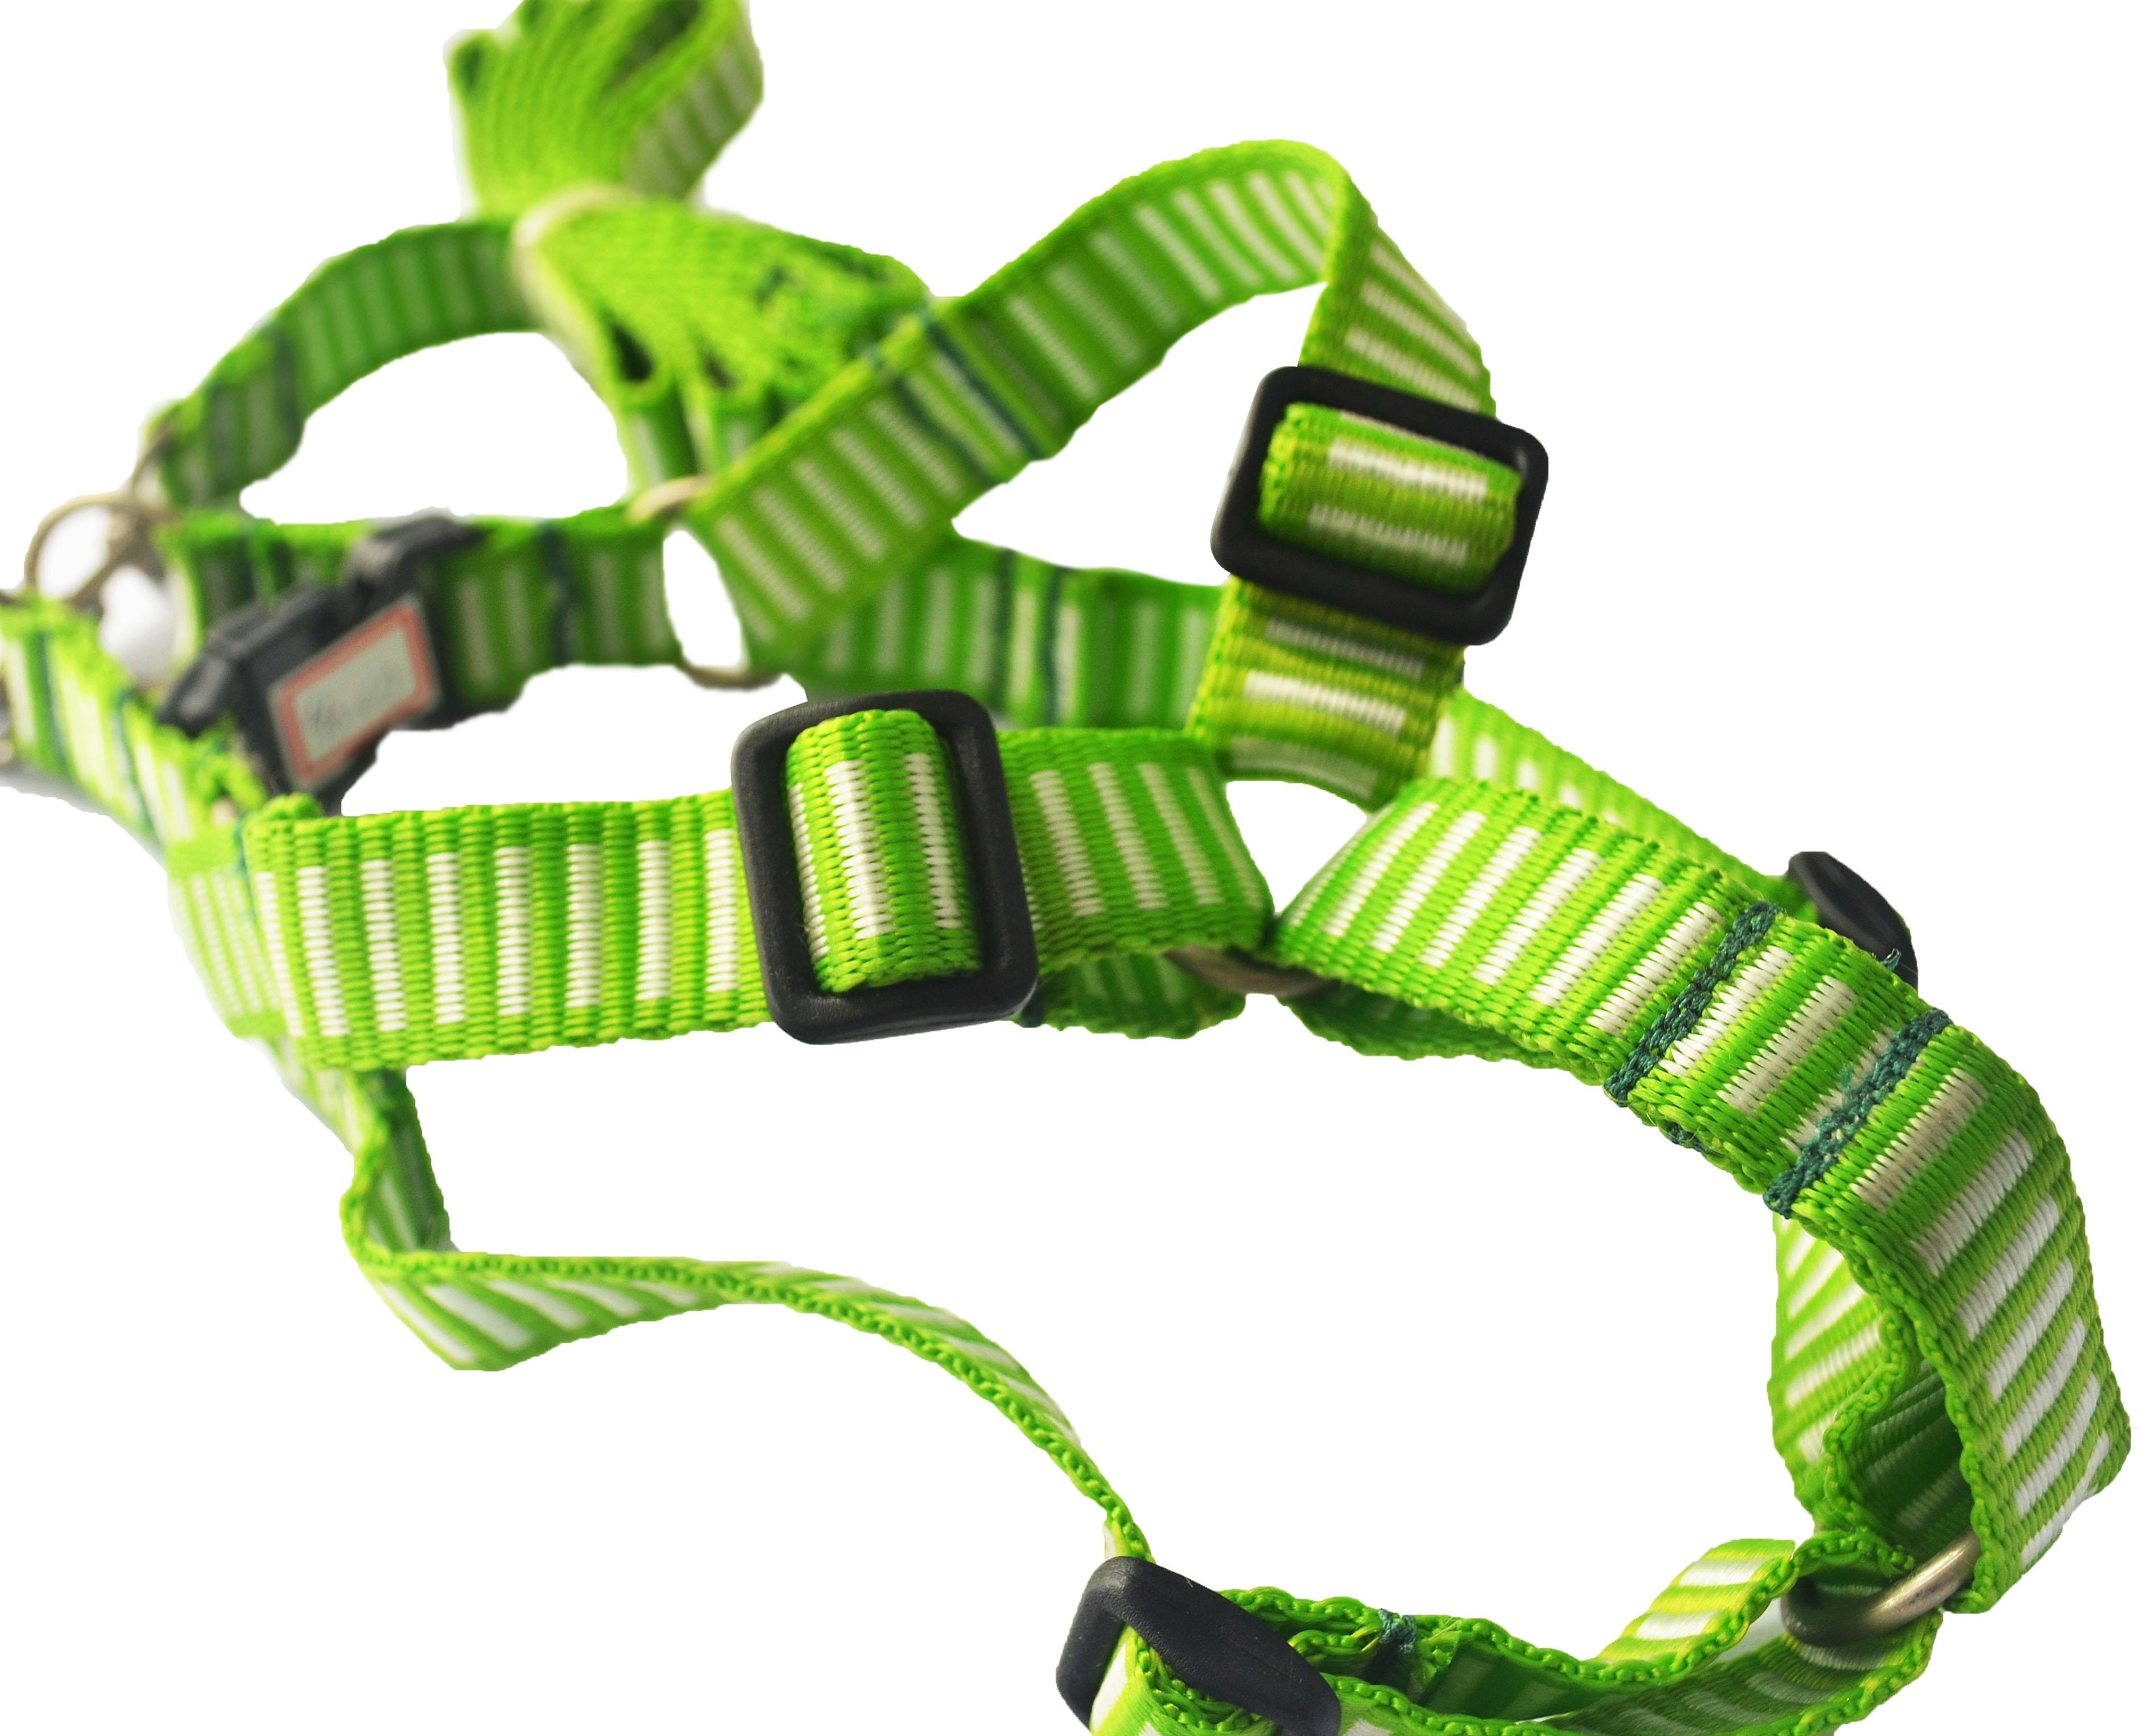 Peitoral ajustável com Guia green & white - mundodaspataspet.com.br